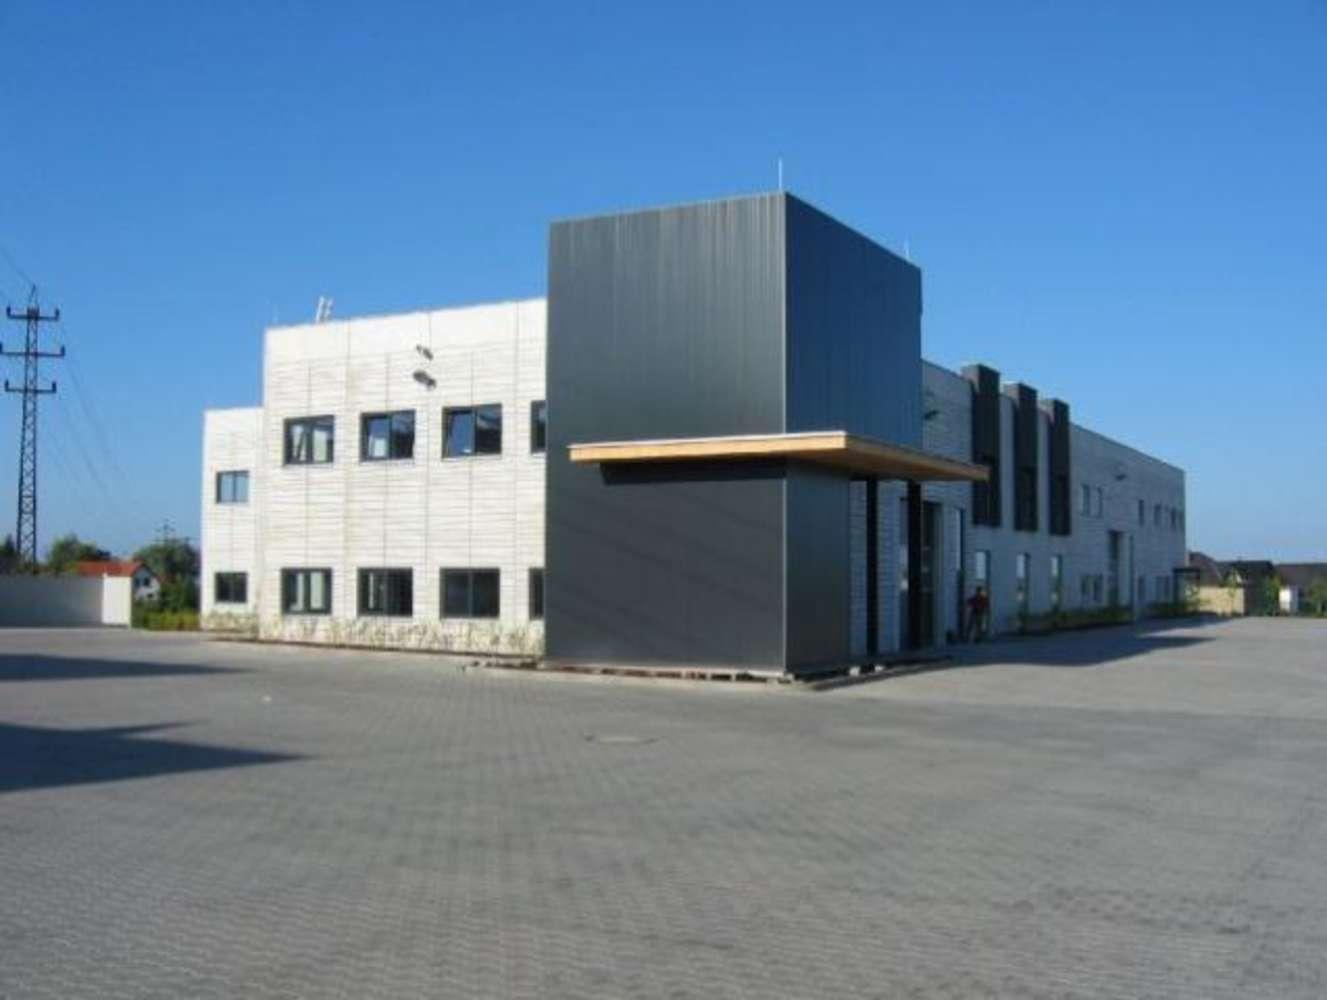 Průmyslové nemovitosti Hovorcovice,  - Impera park Hovorčovice - 304288026430728